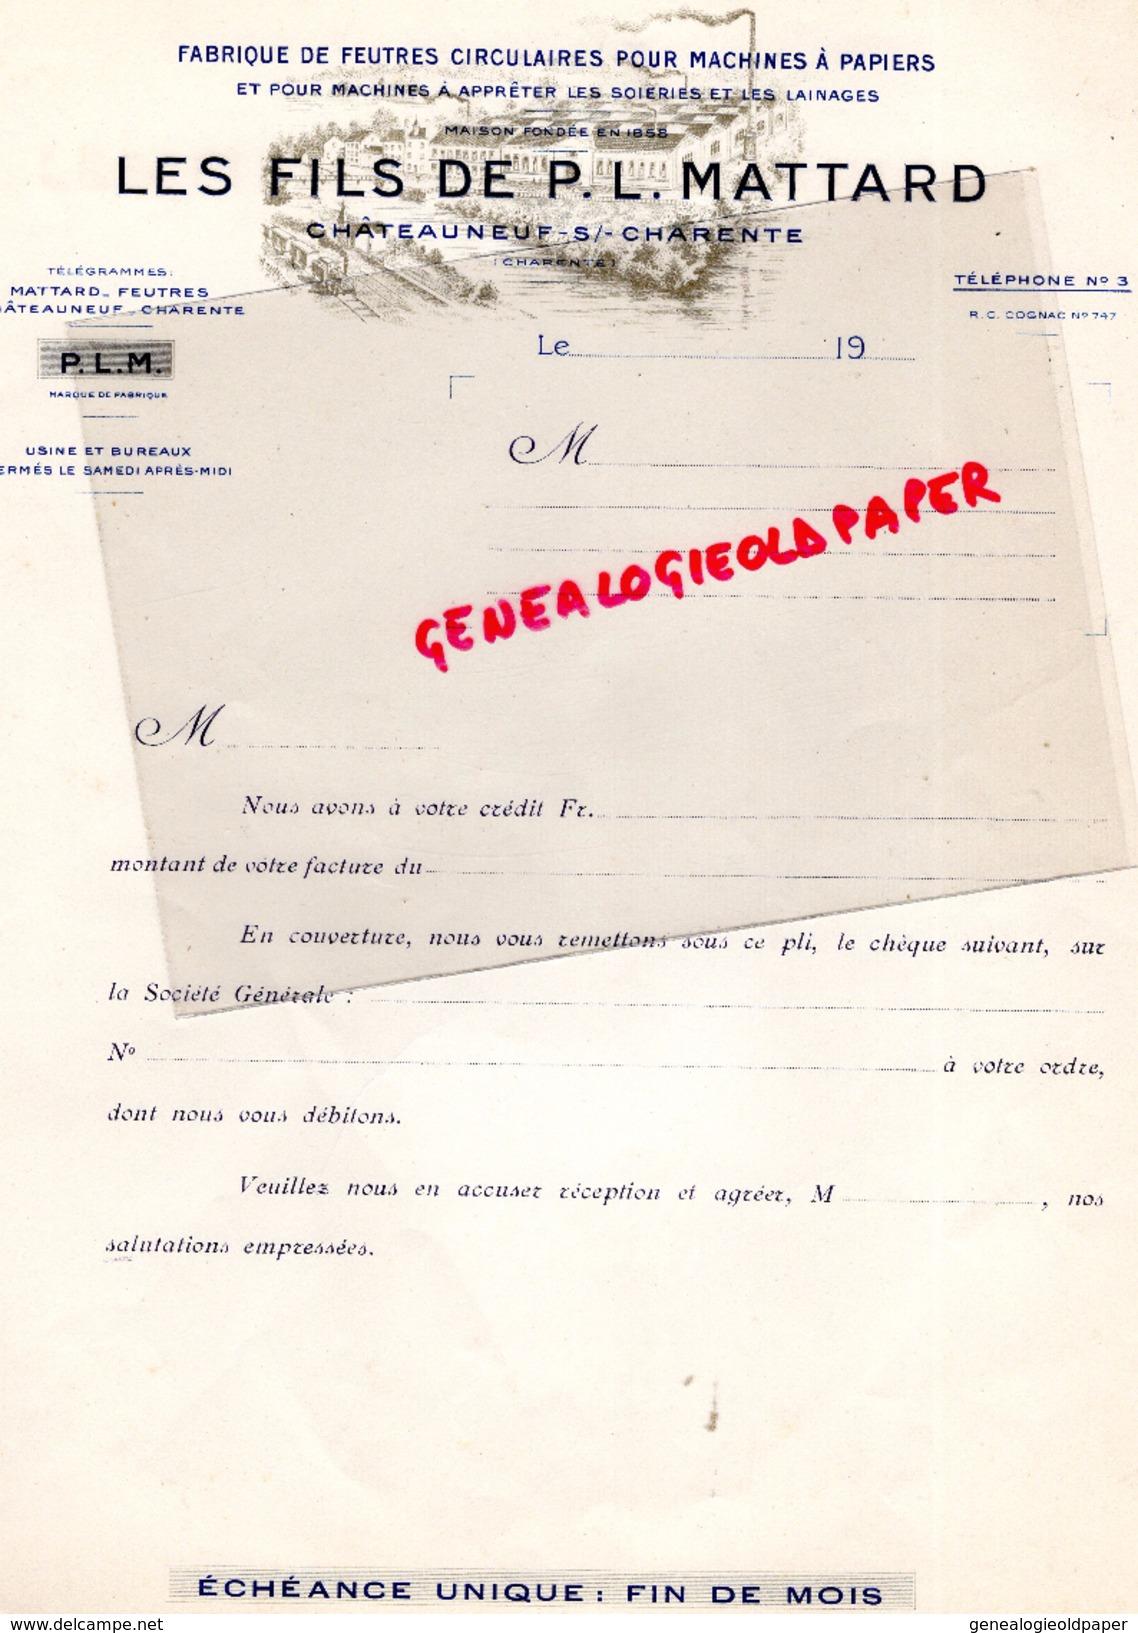 16 -CHATEAUNEUF SUR CHARENTE-FACTURE FABRIQUE FEUTRES MACHINES PAPIERS-PAPETERIE -FILS DE P.L. MATTARD- - Papeterie